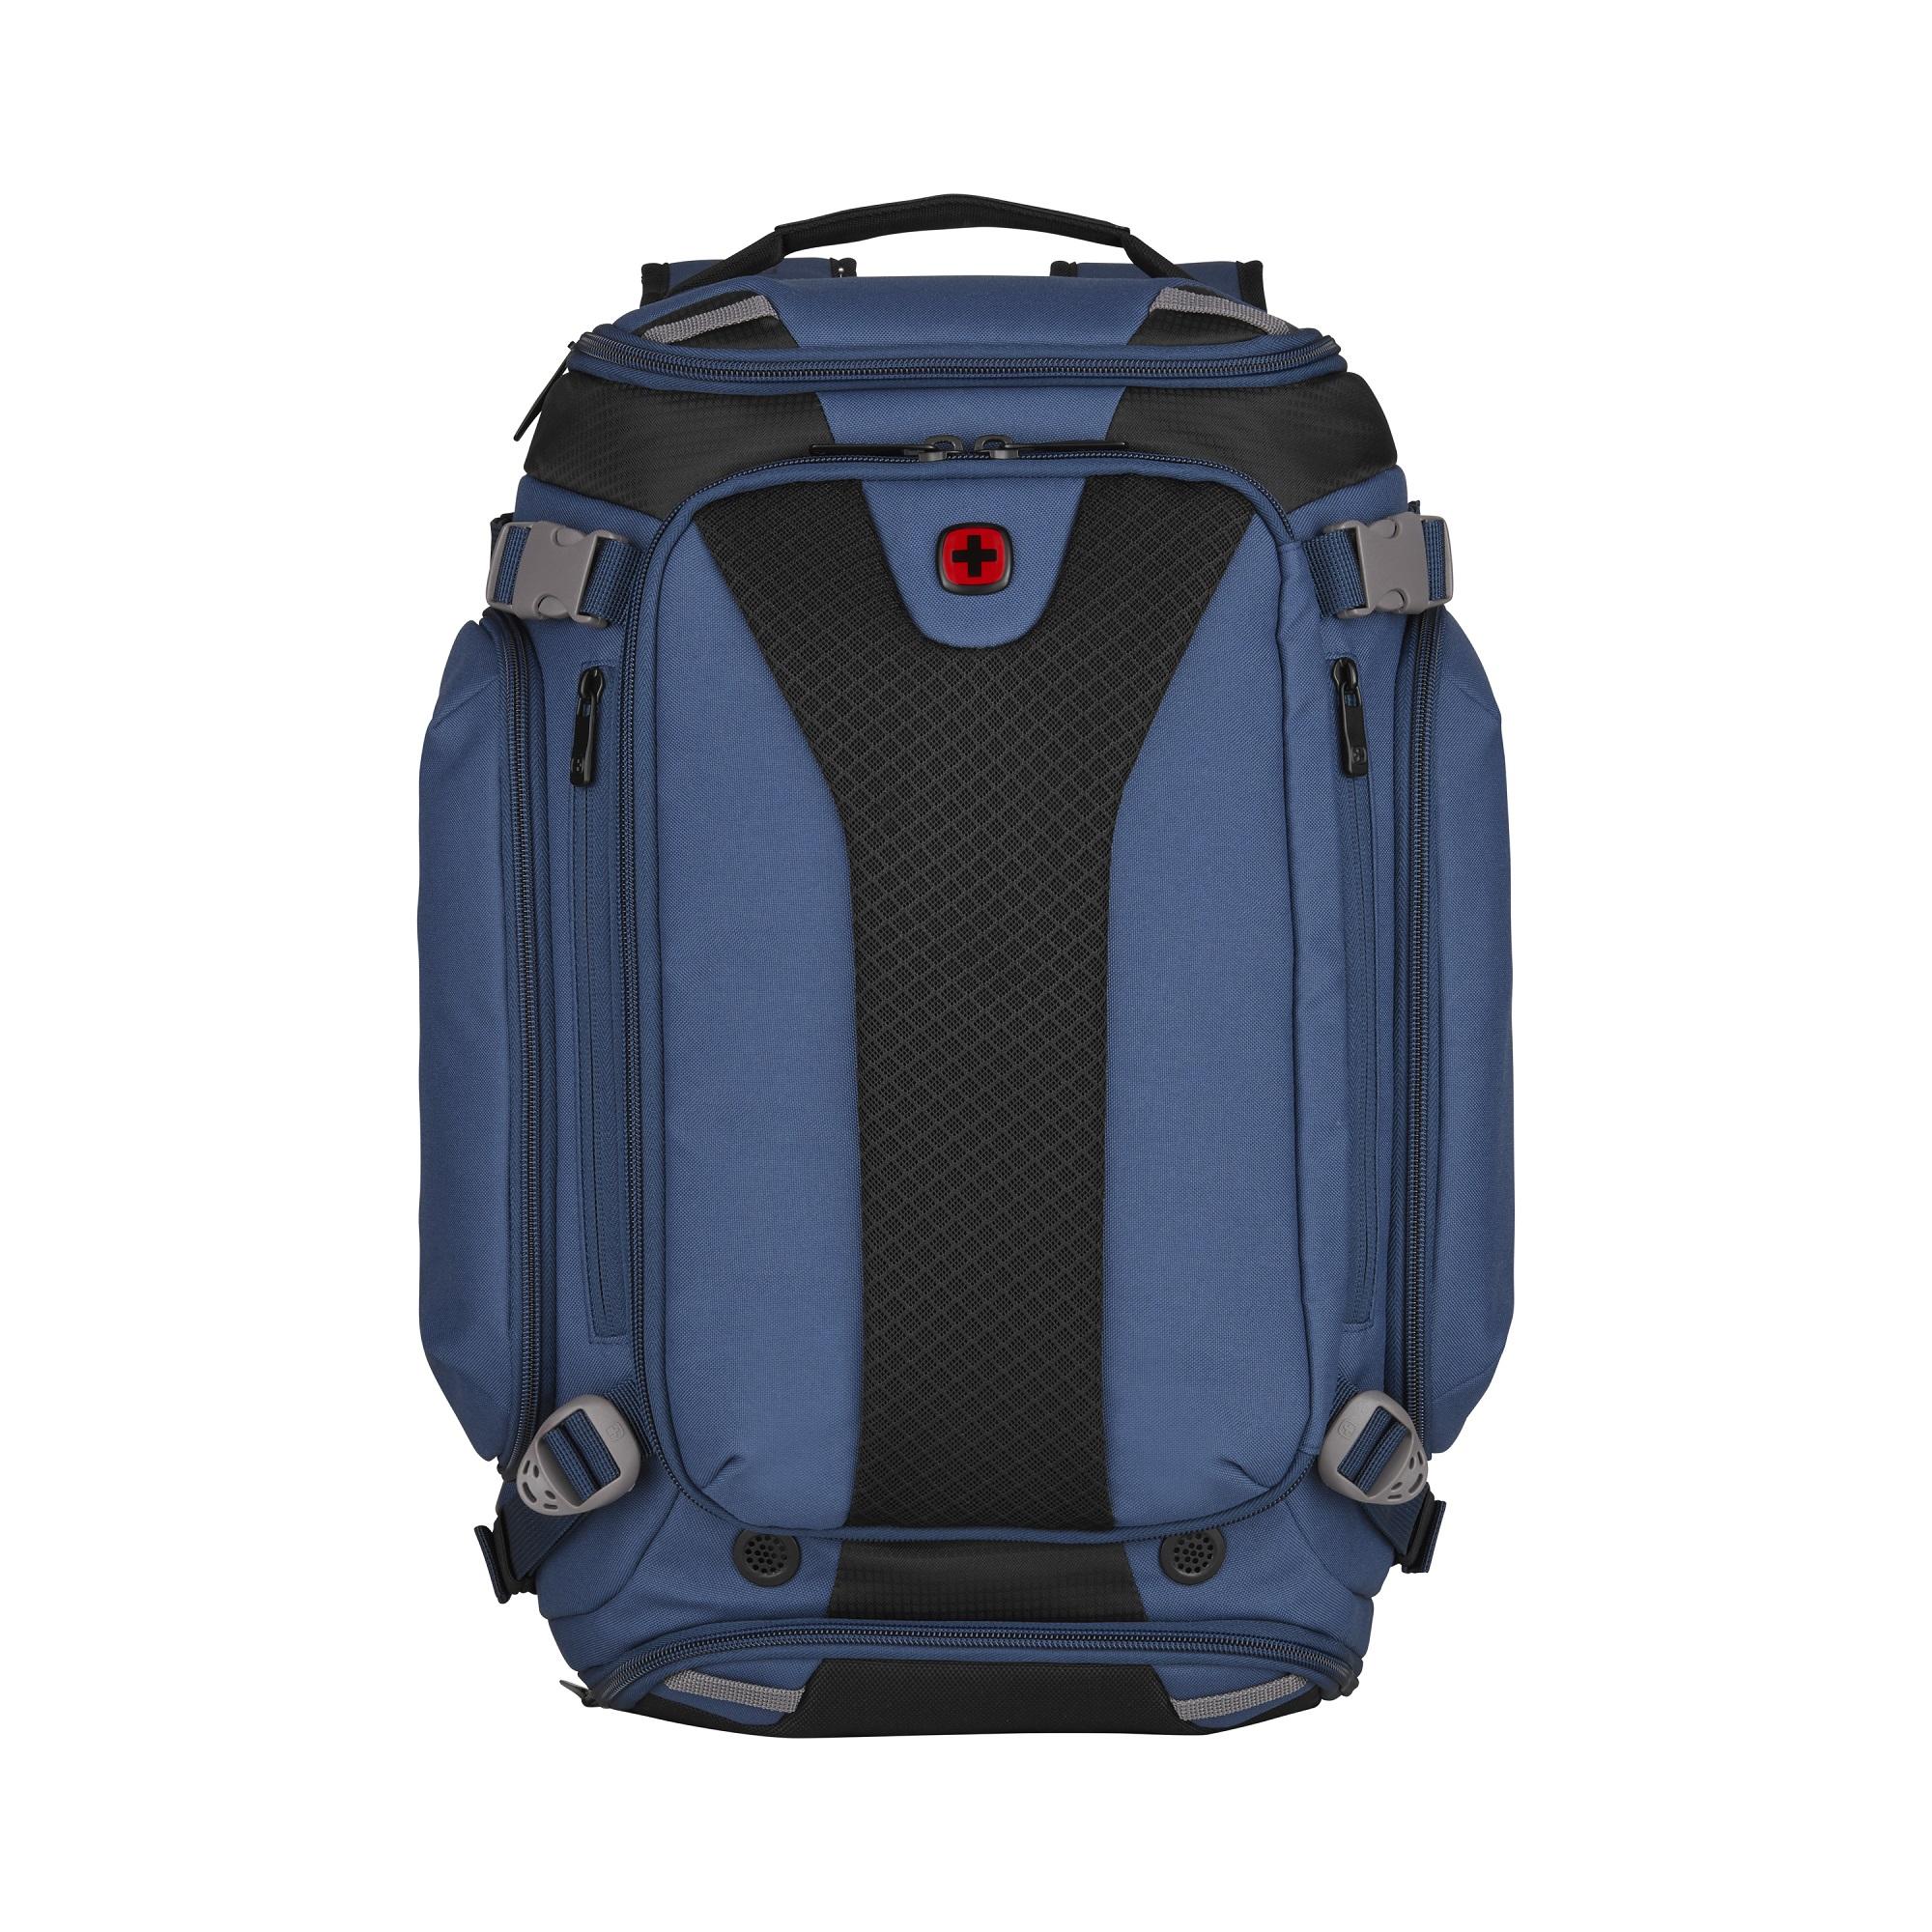 Wenger/SwissGear SportPack 2-in-1 Duffle Backpack